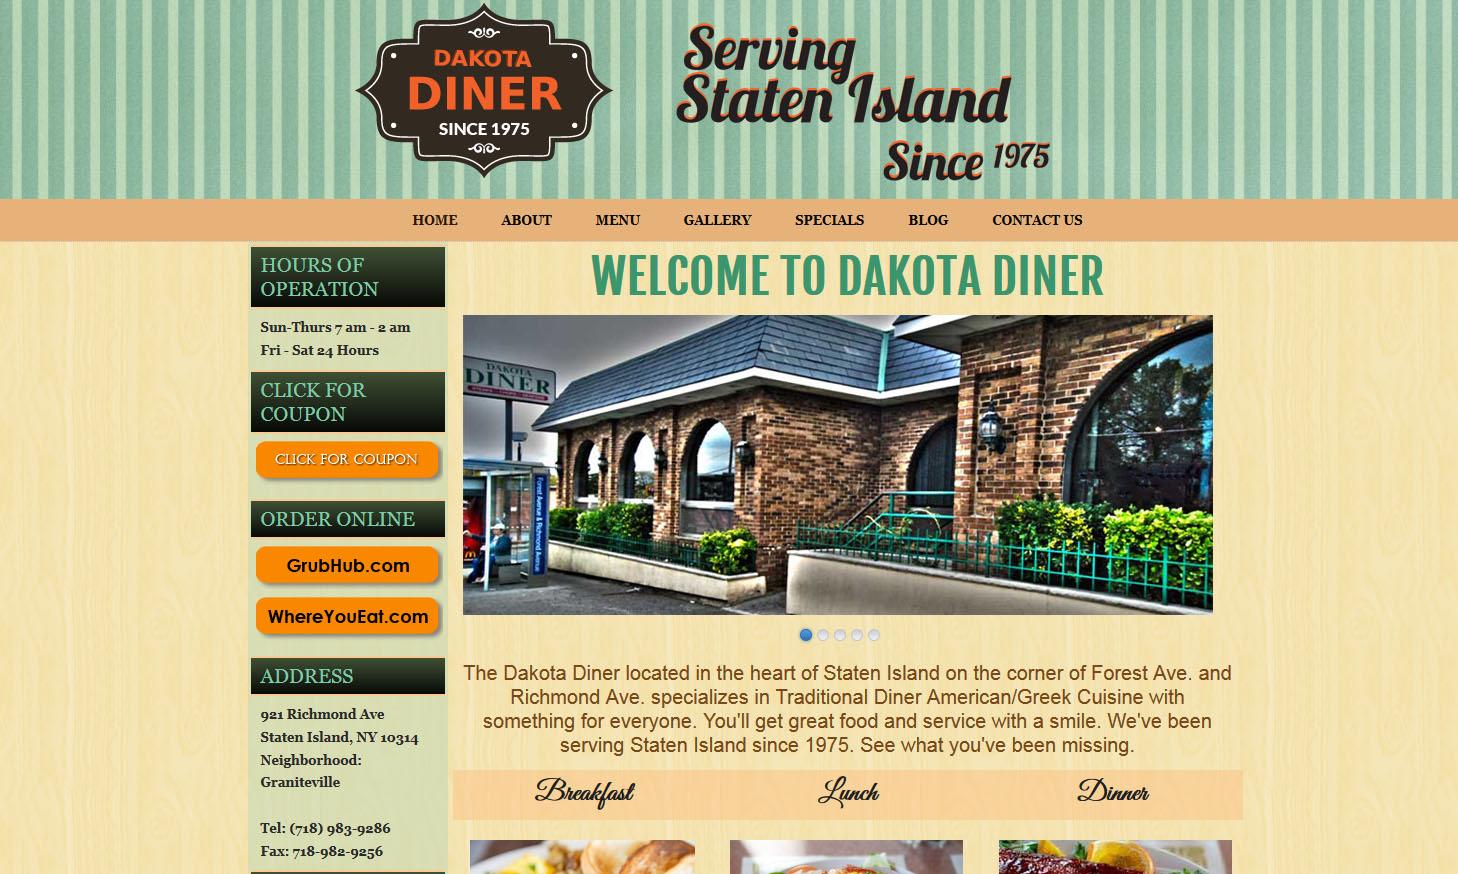 dakota-dinner